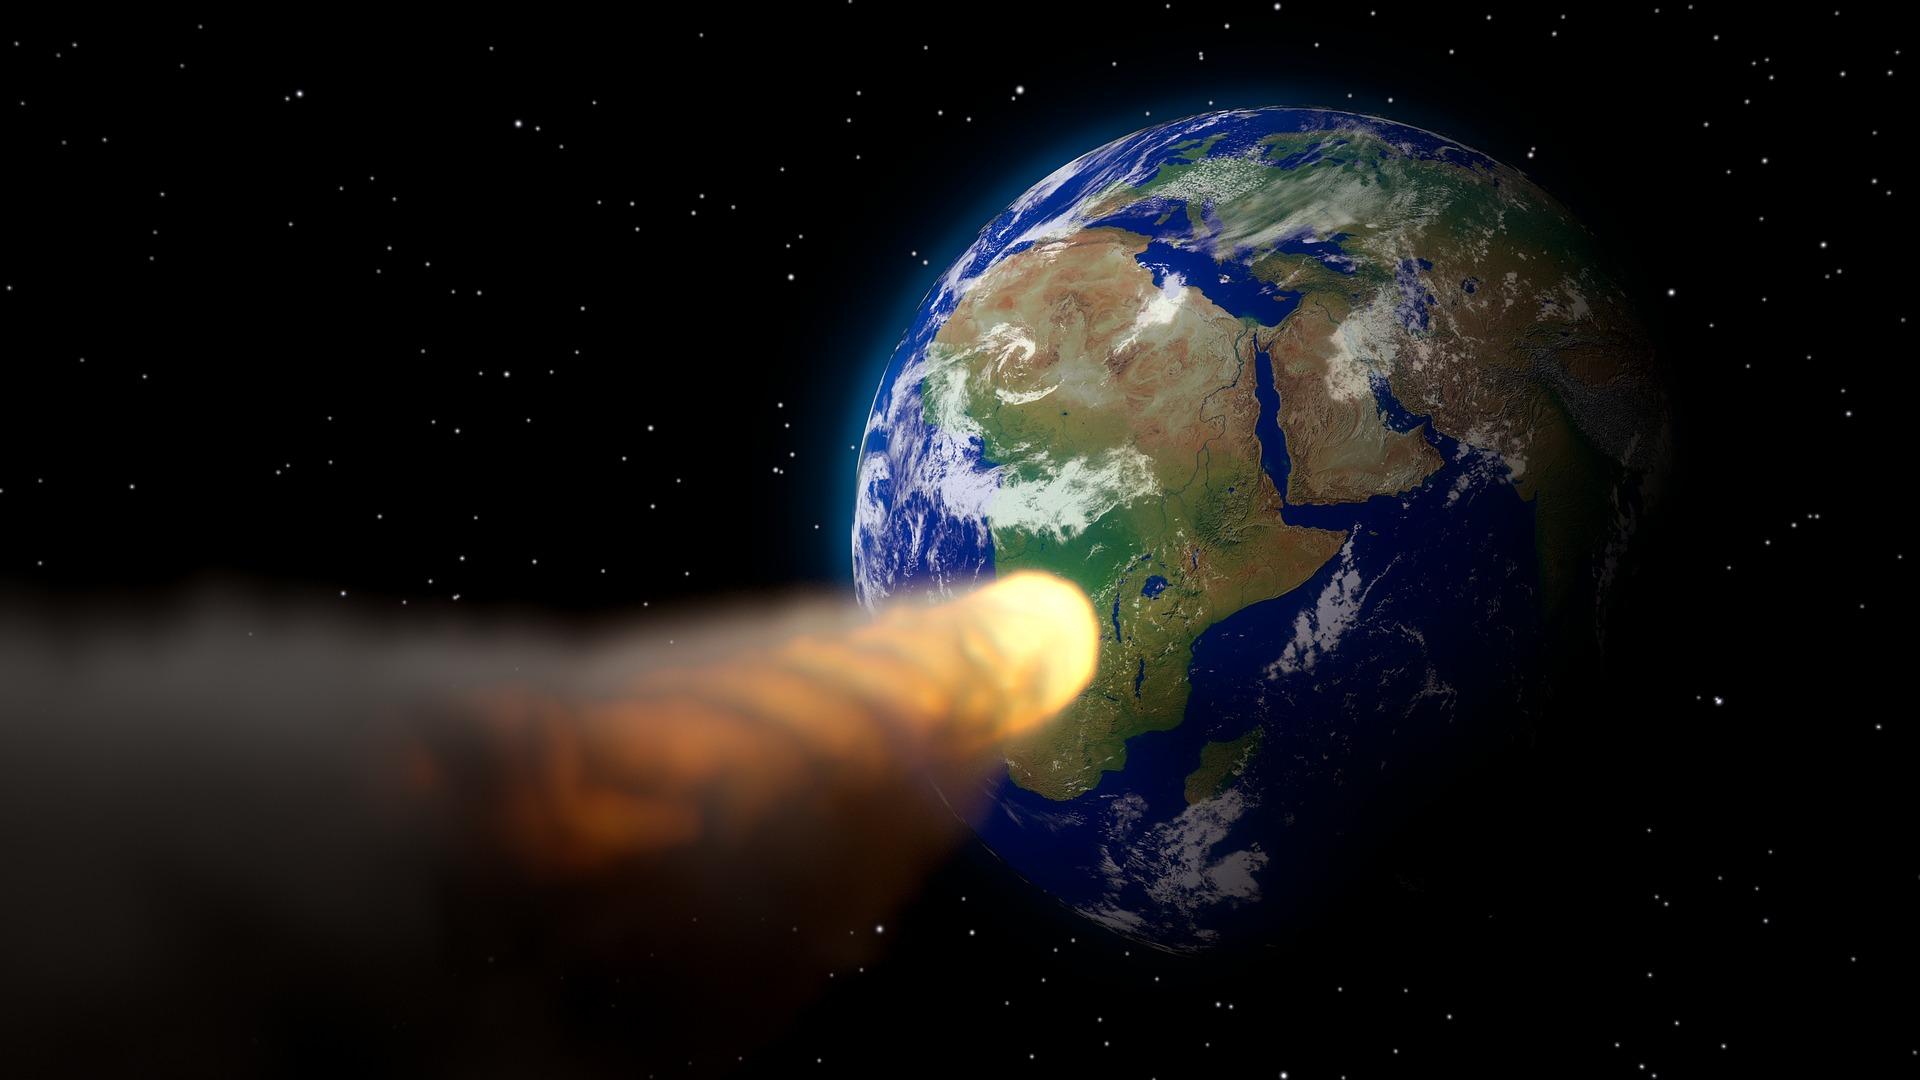 Óriási aszteroida száguld felénk